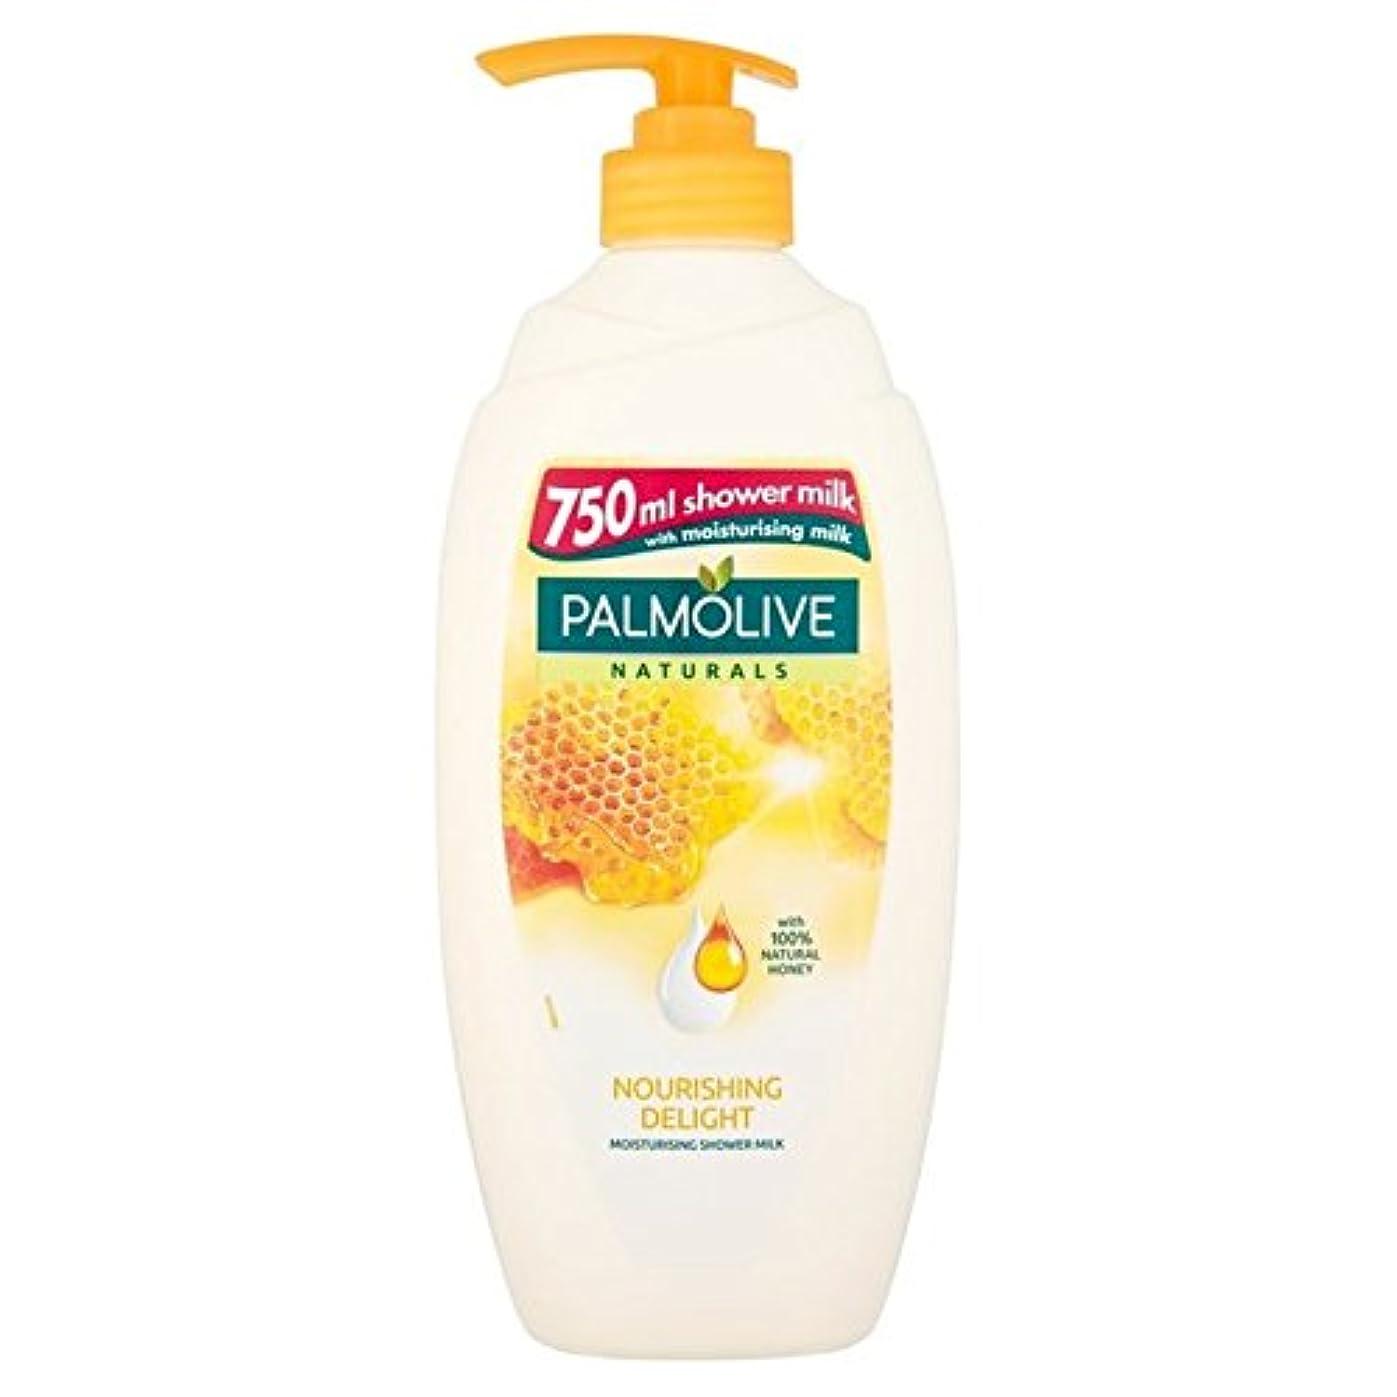 もう一度拾う魂Palmolive Naturals Nourishing Shower Naturals Milk with Honey 750ml - 蜂蜜の750ミリリットルとシャワーナチュラルミルク栄養パルモライブナチュラル [...